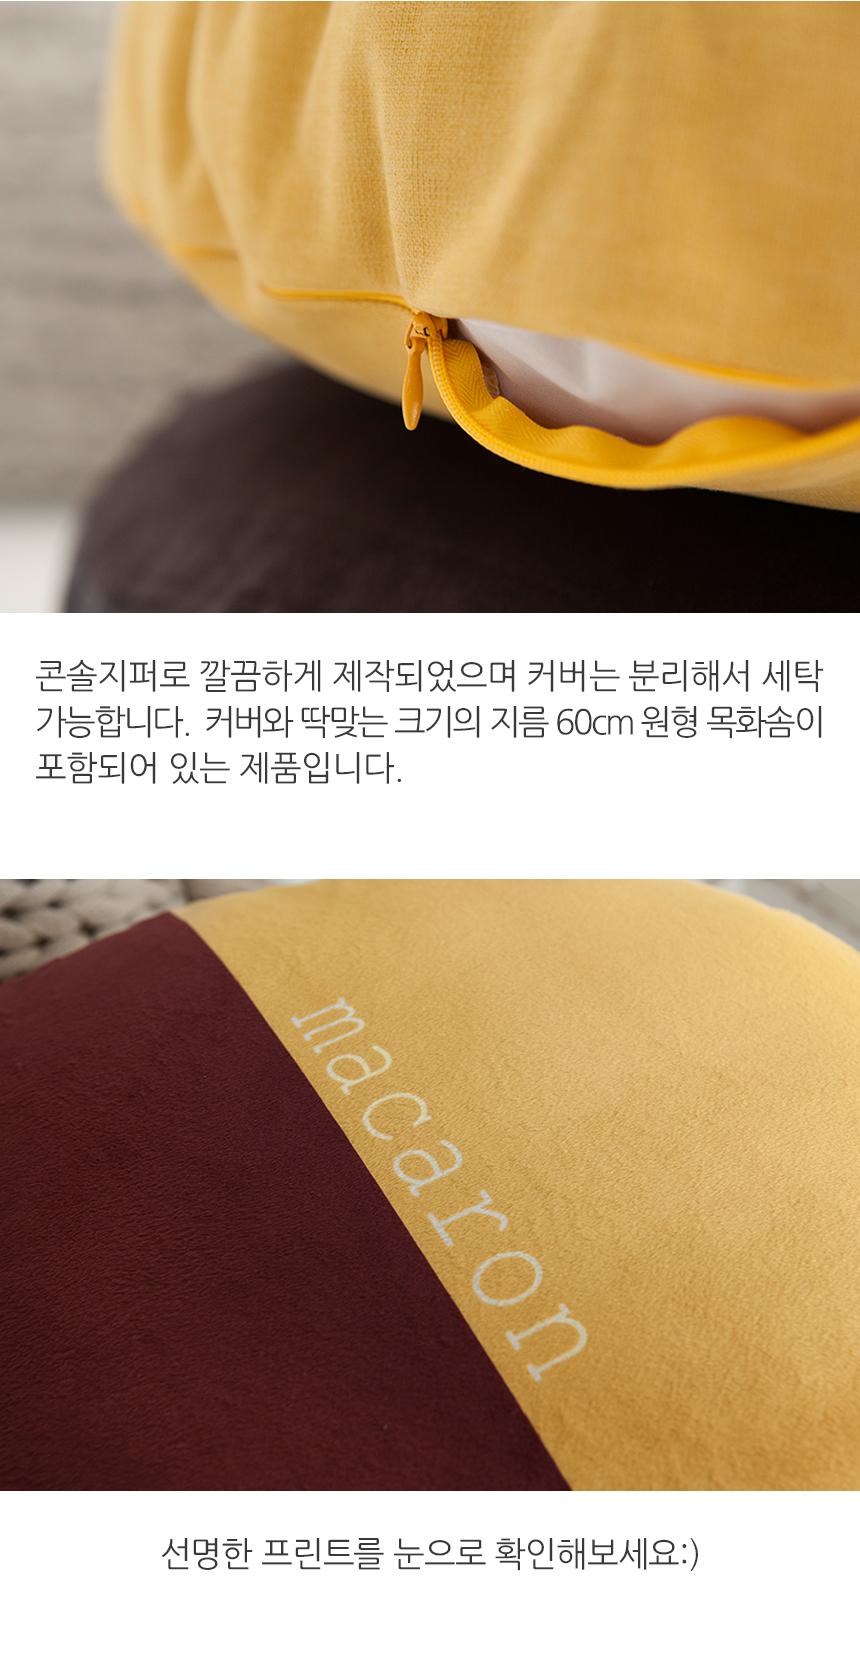 마카롱 원형방석  6color45,600원-마리하우스패브릭, 방석/커버, 방석, 원형바보사랑마카롱 원형방석  6color45,600원-마리하우스패브릭, 방석/커버, 방석, 원형바보사랑